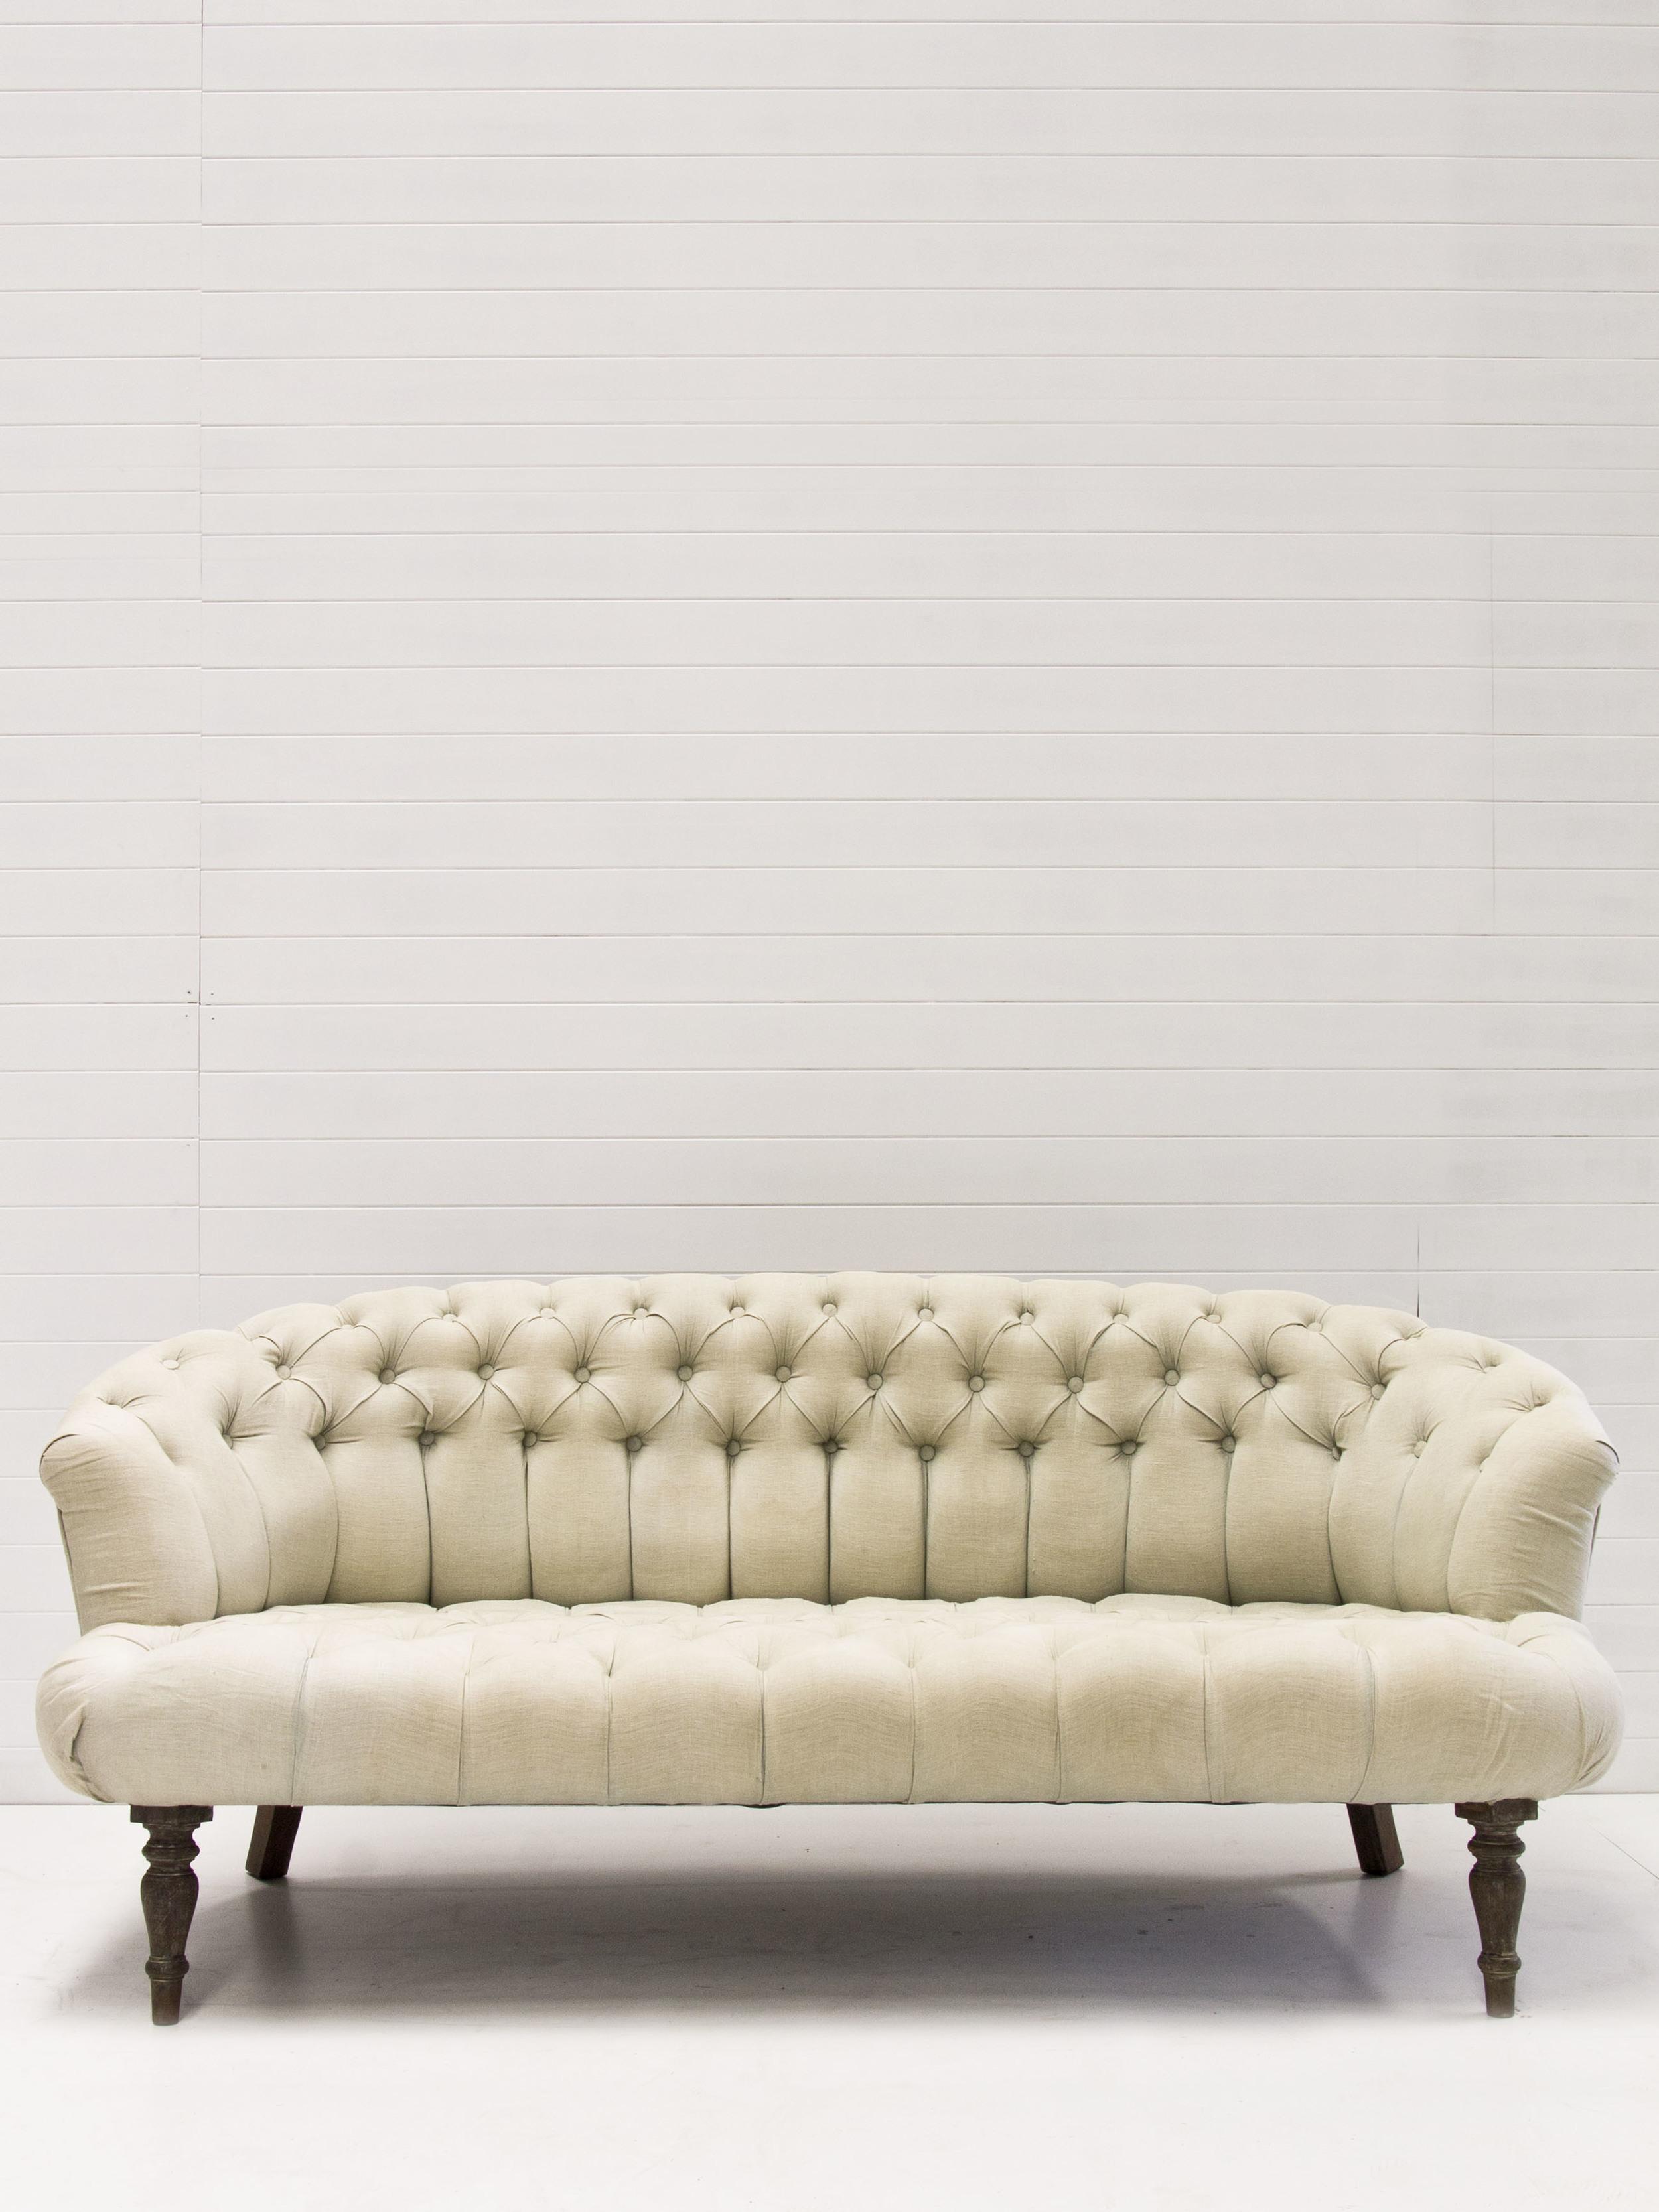 Seafoam button tufted sofa.jpg